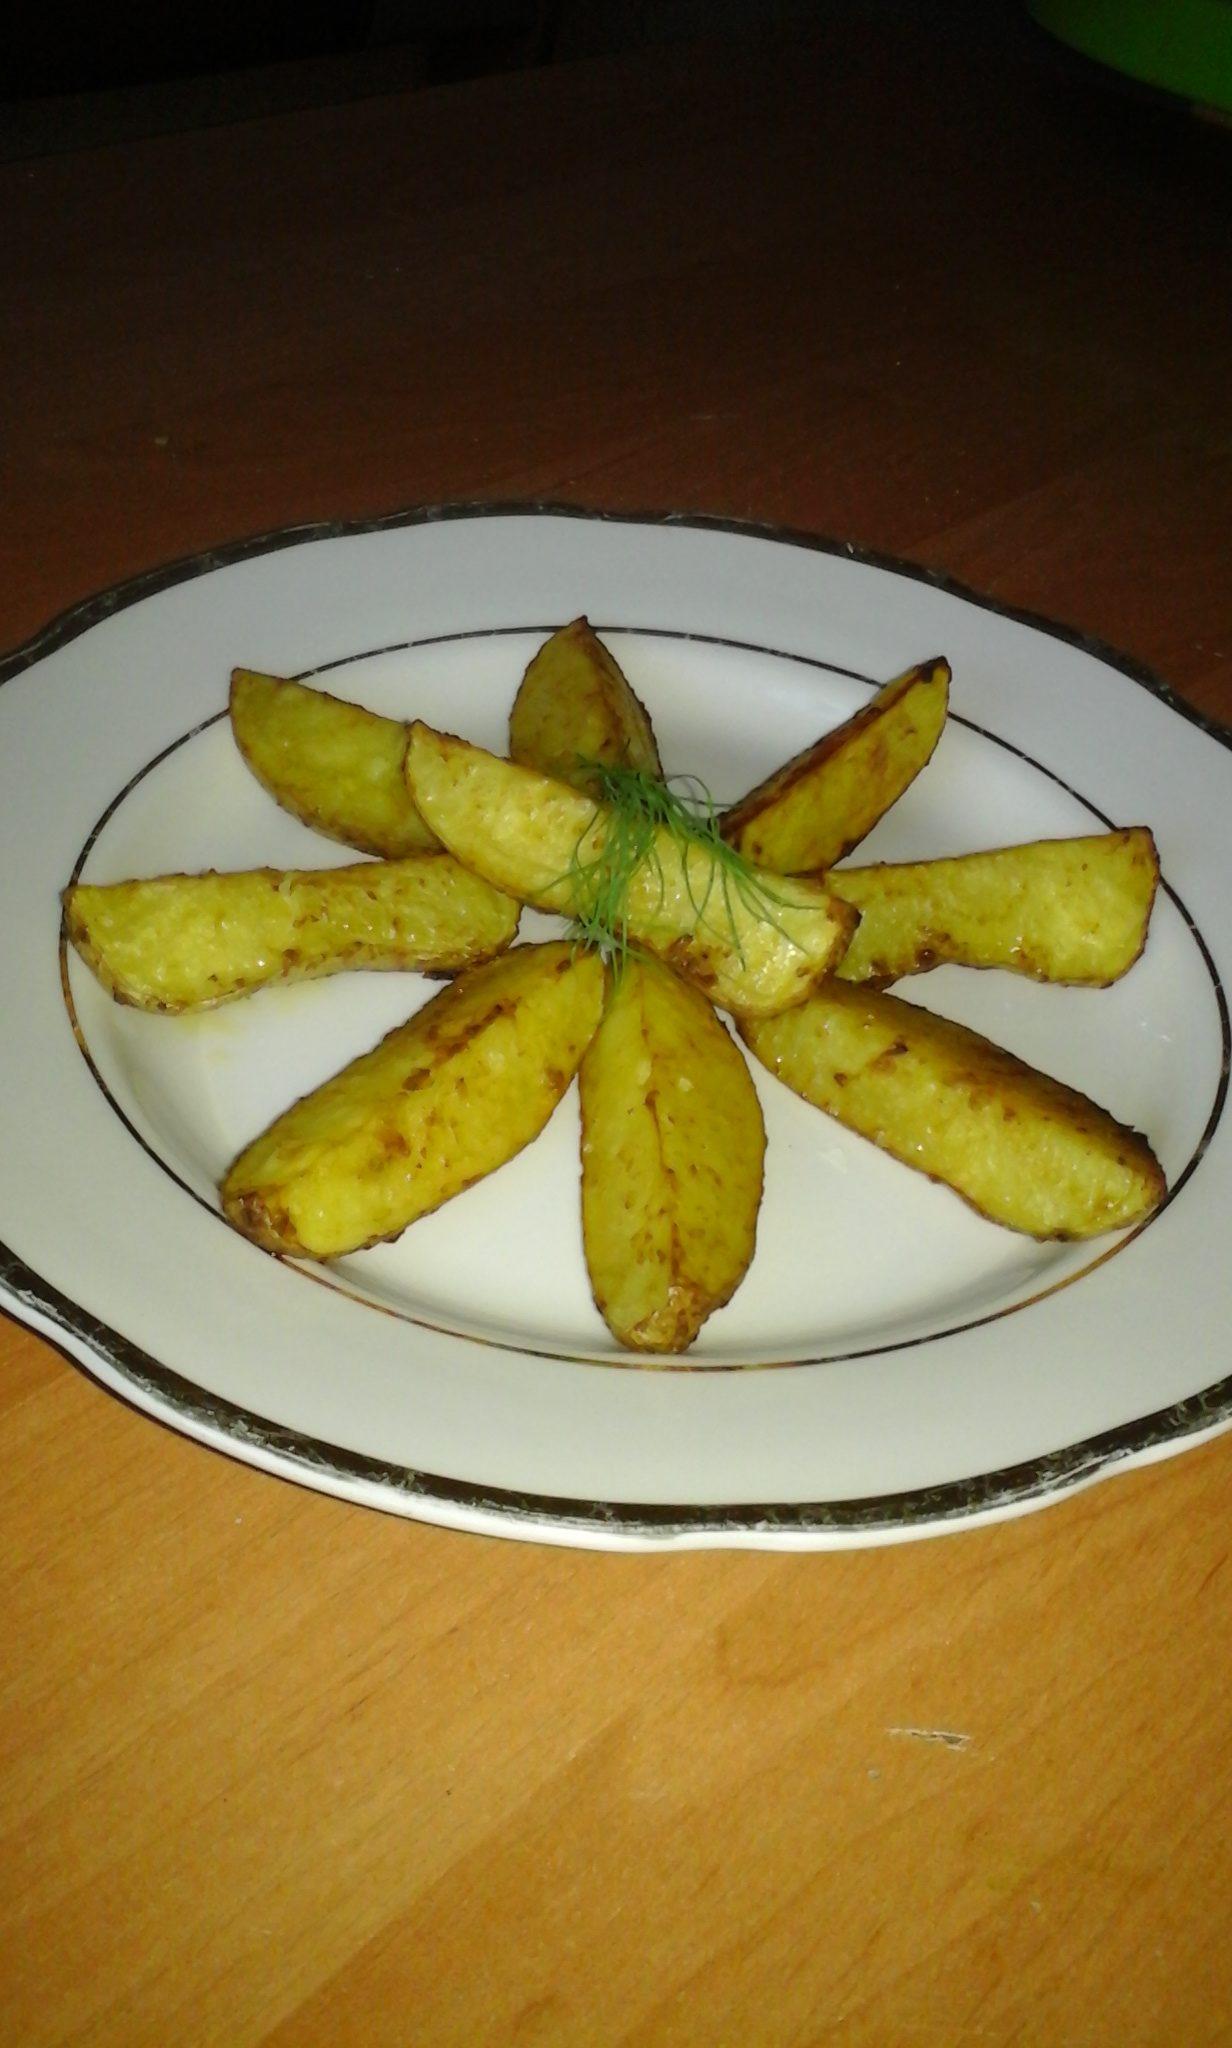 картофель по деревенски рецепт как в макдональдсе